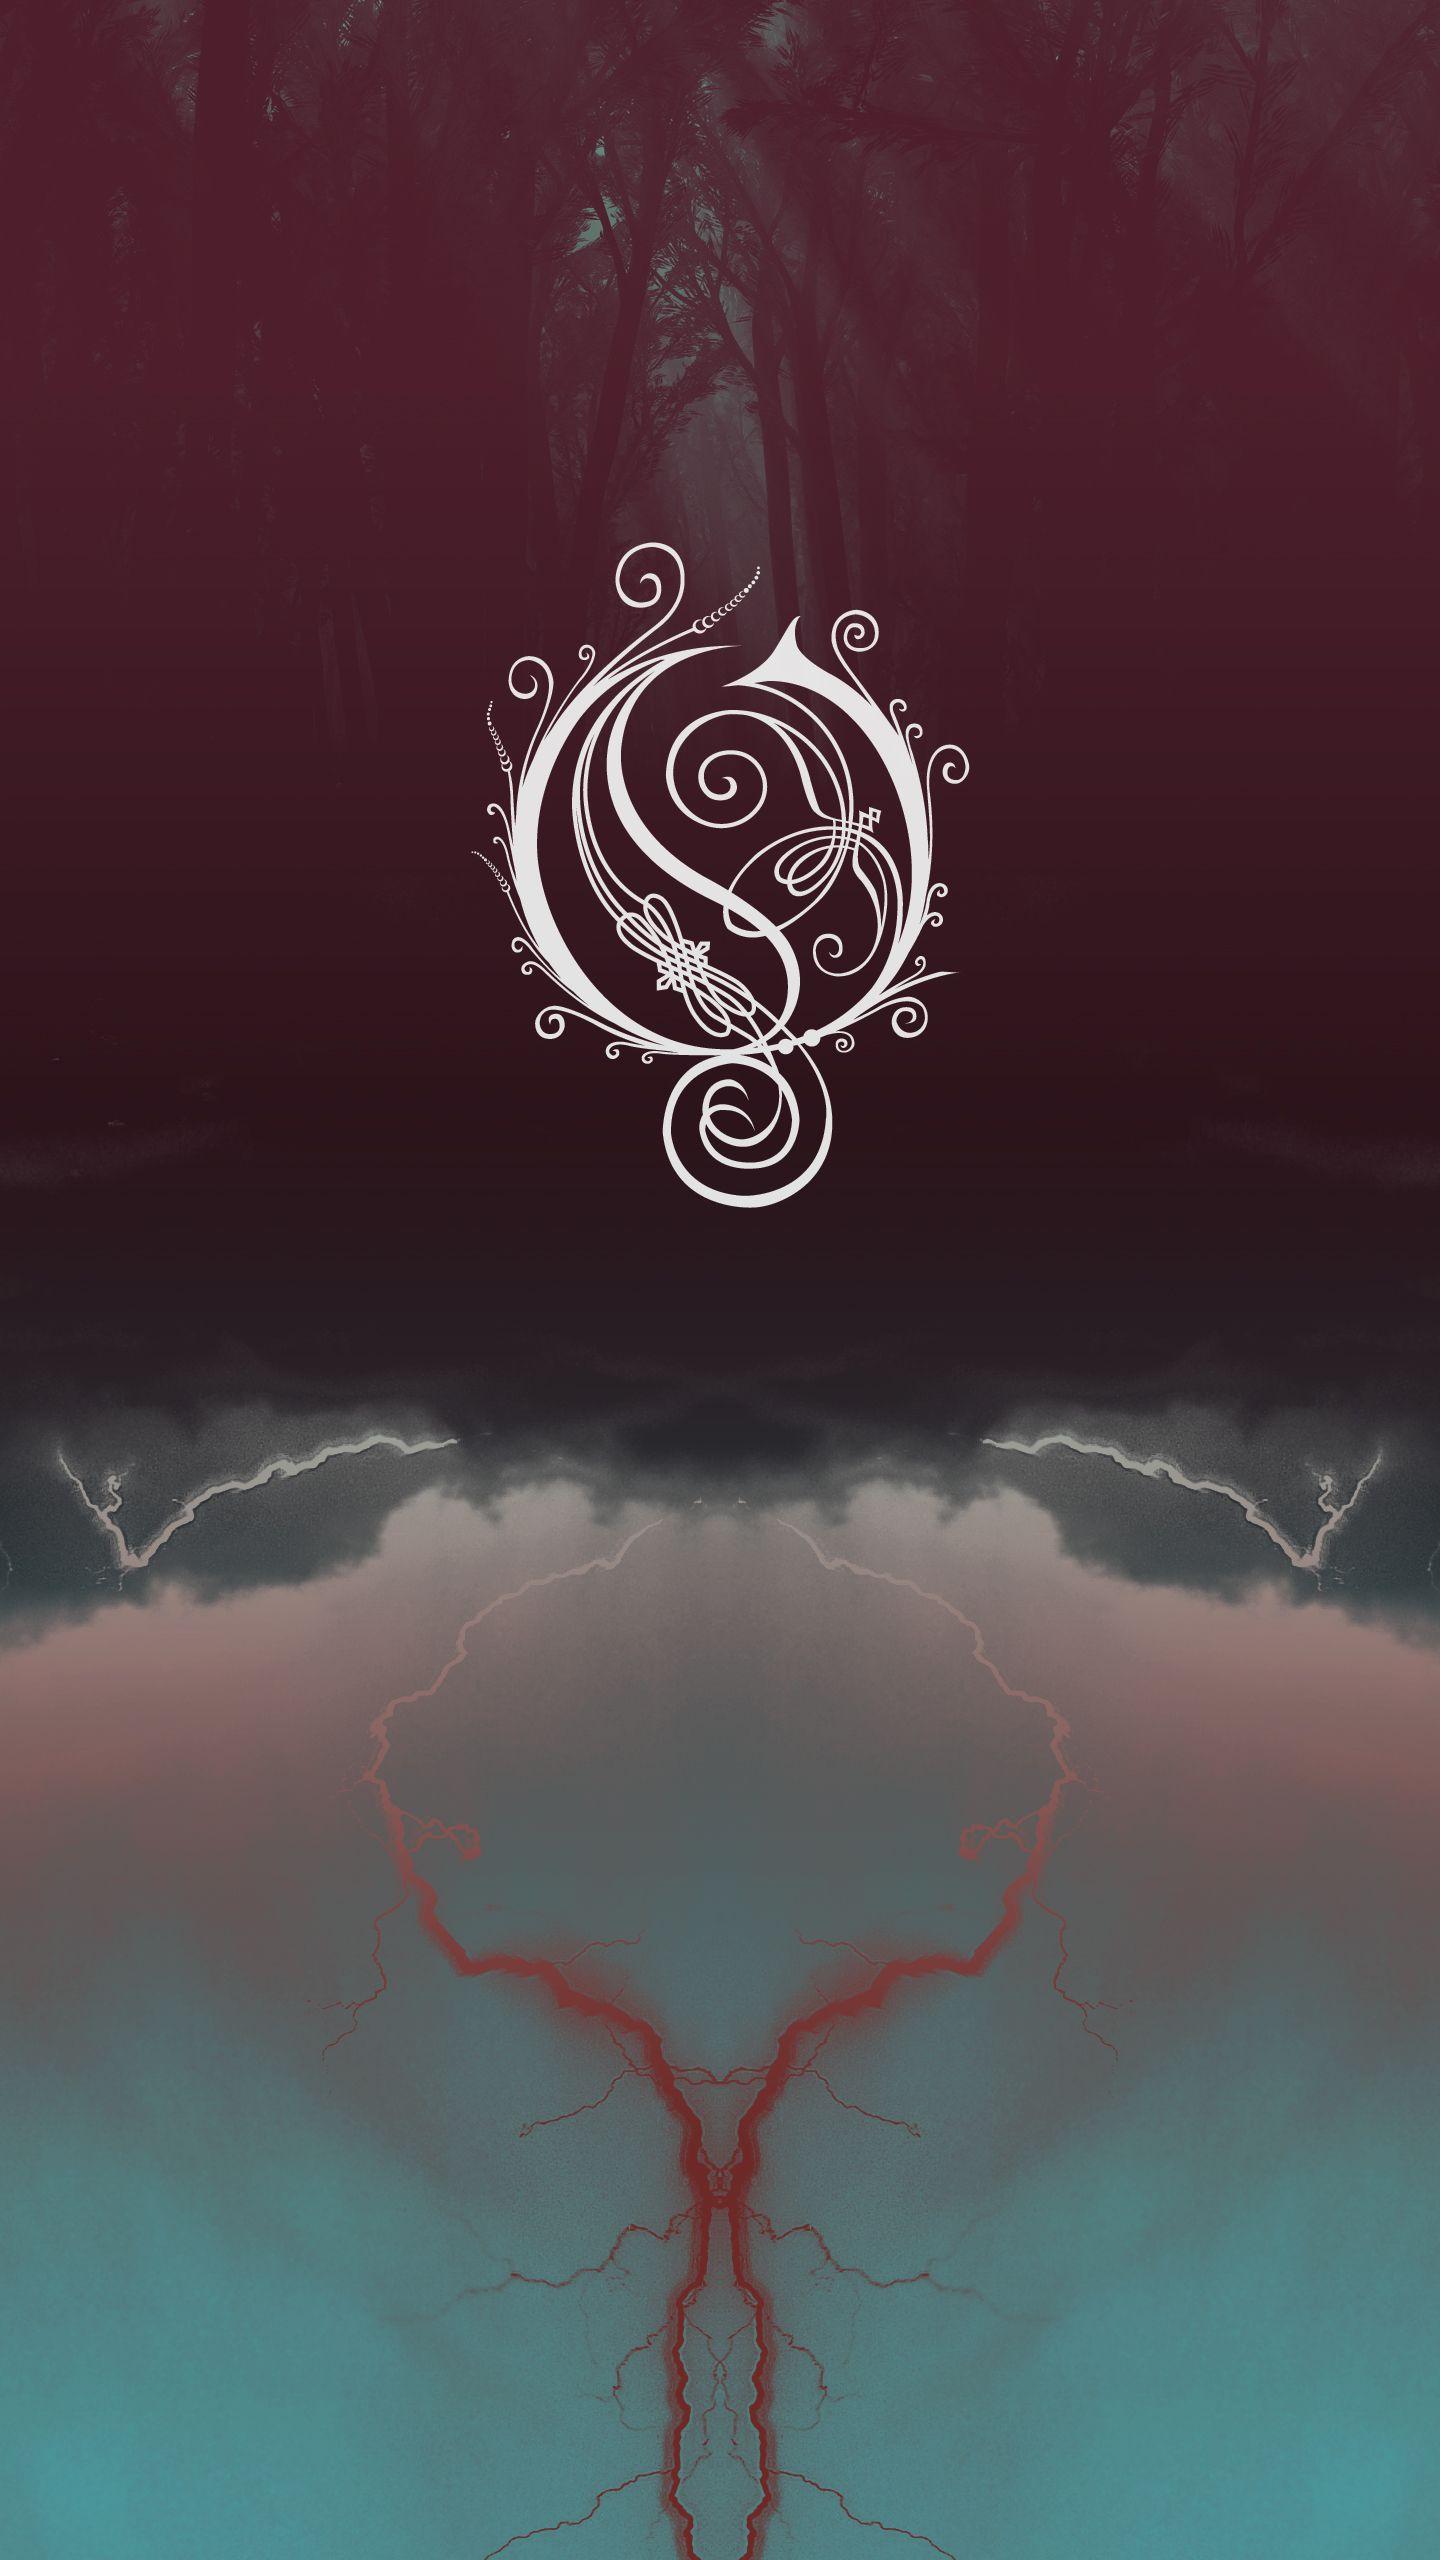 Opeth Wallpapers Wallpapers Wallpapers For Desktop Pinterest